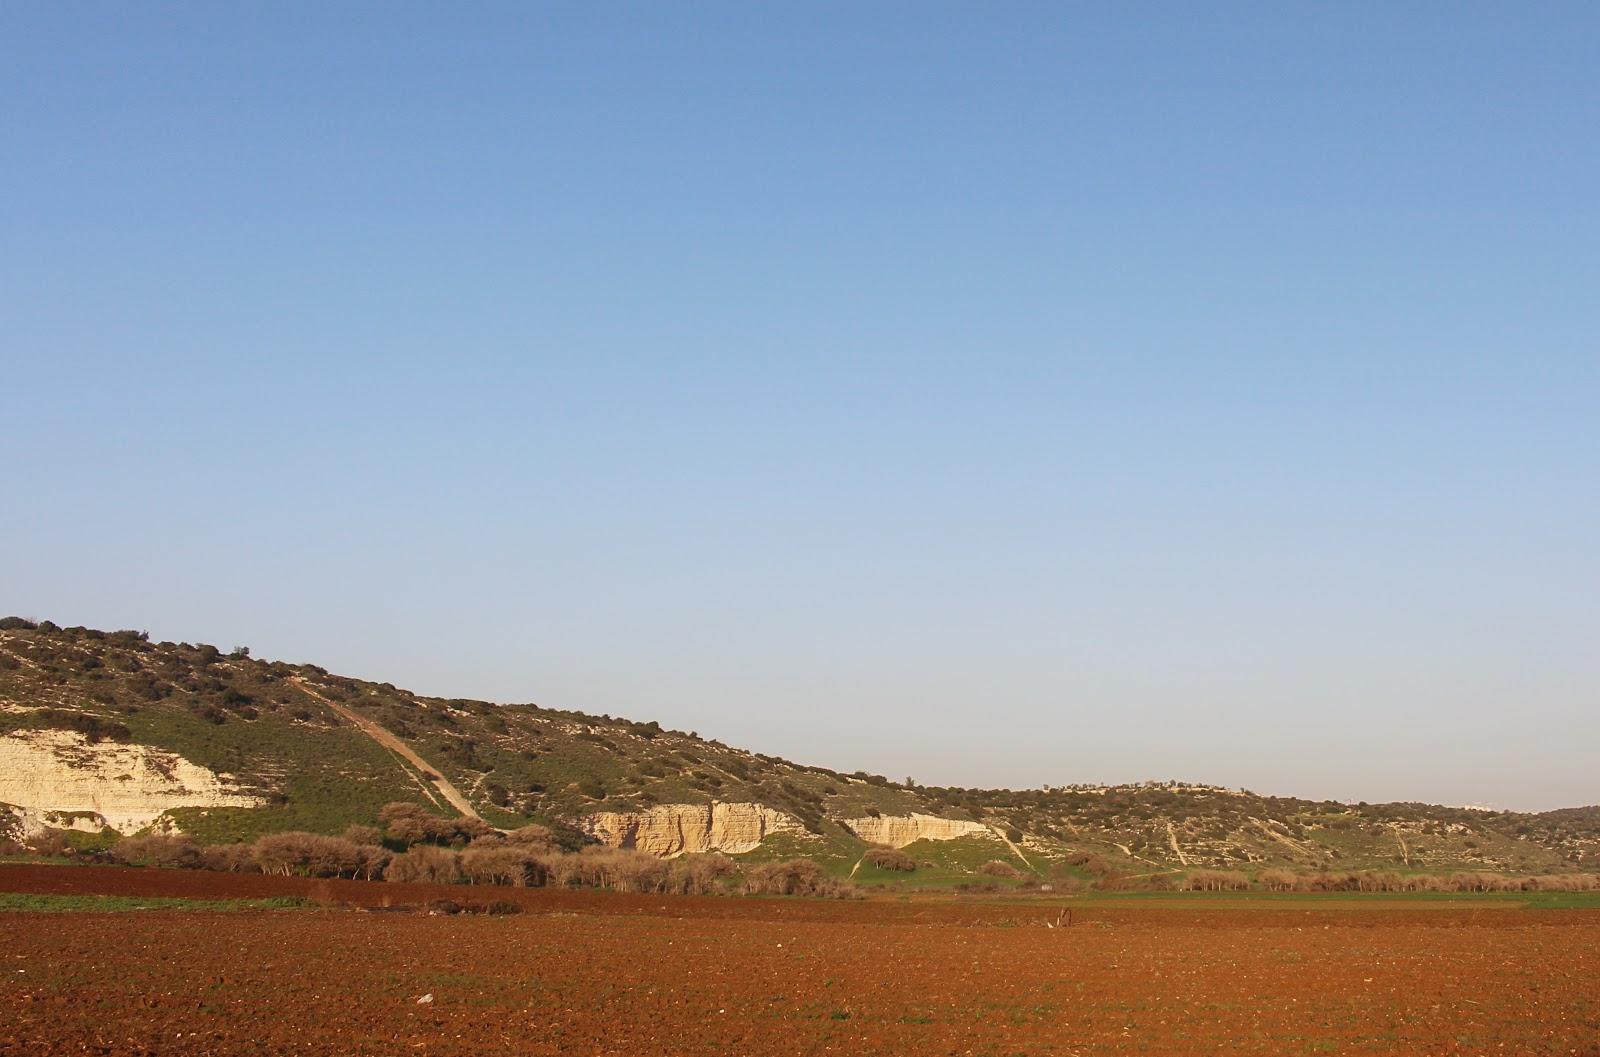 Israel Pilgrimage: Things To Do in Israel